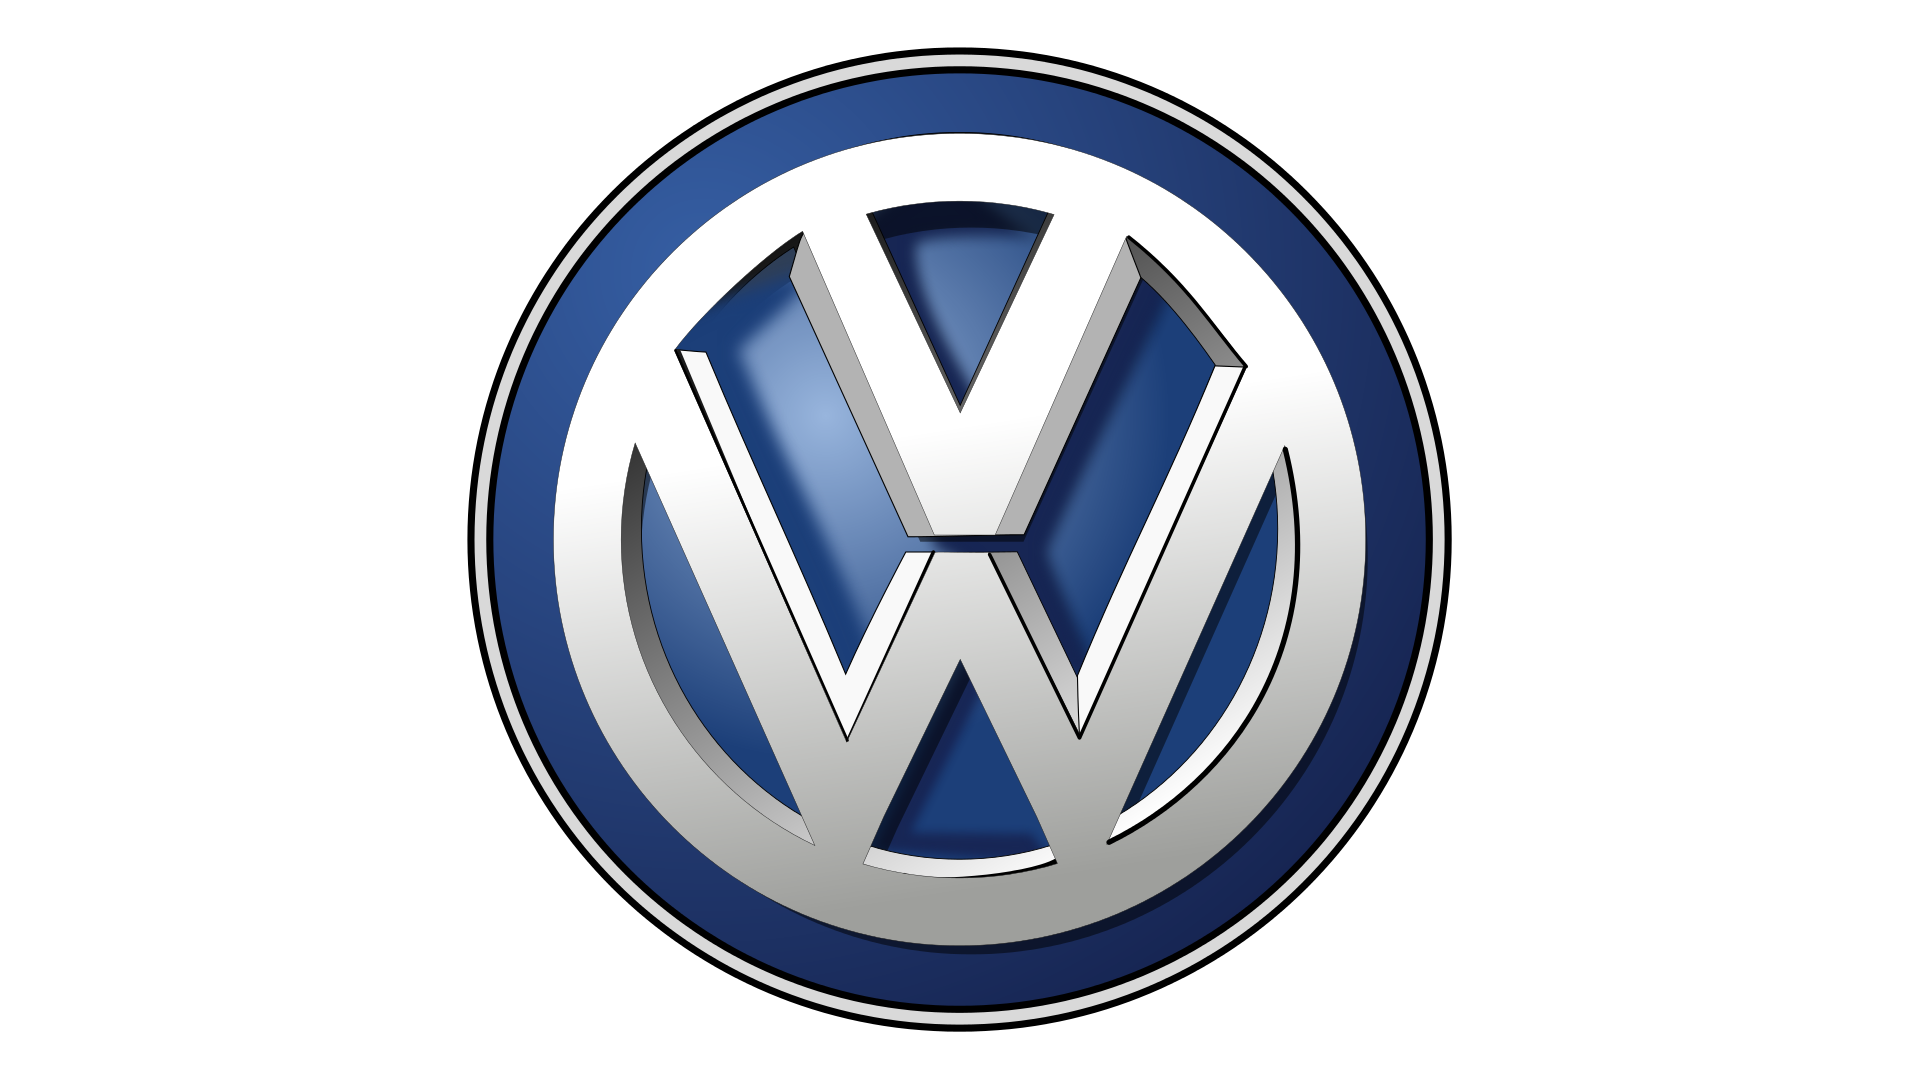 Volkswagen-logo-2015-1920x1080png